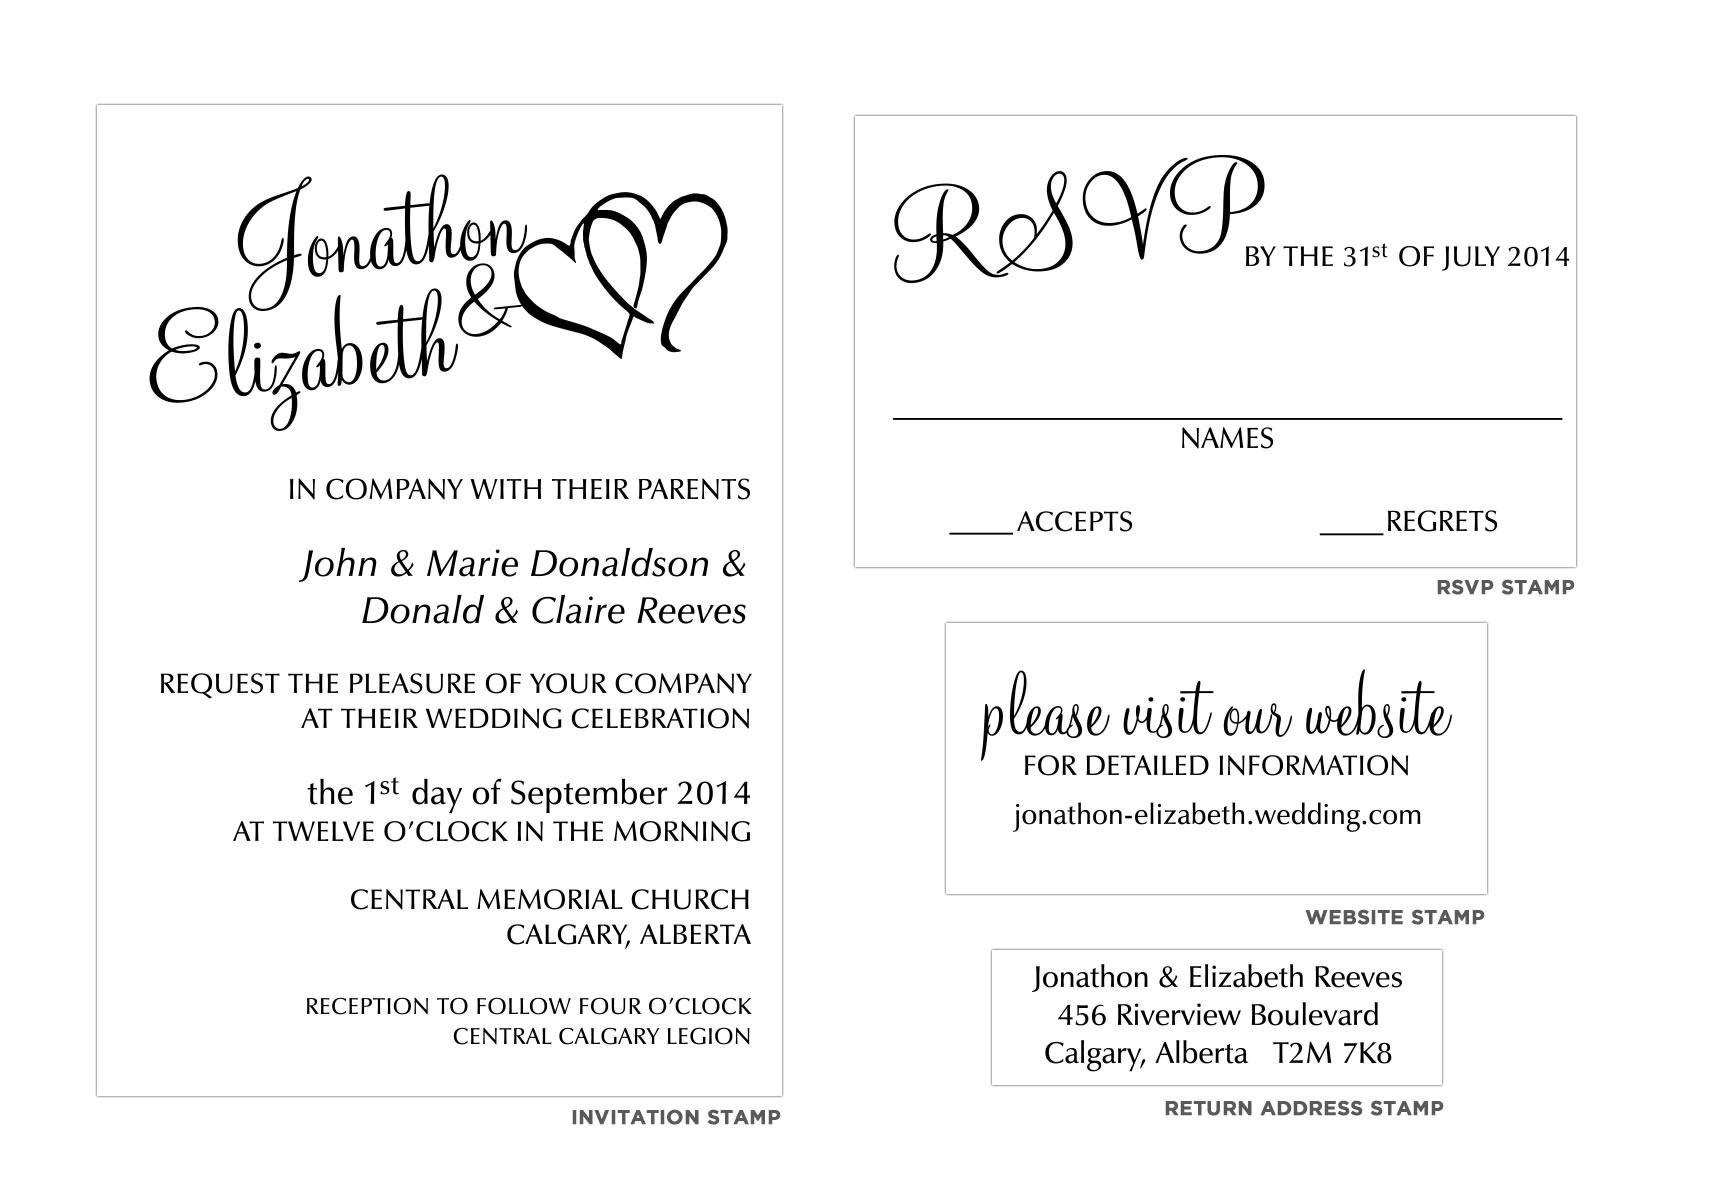 wedding invitation stamp set stamps for wedding invitations Wedding Invitation Stamp Set